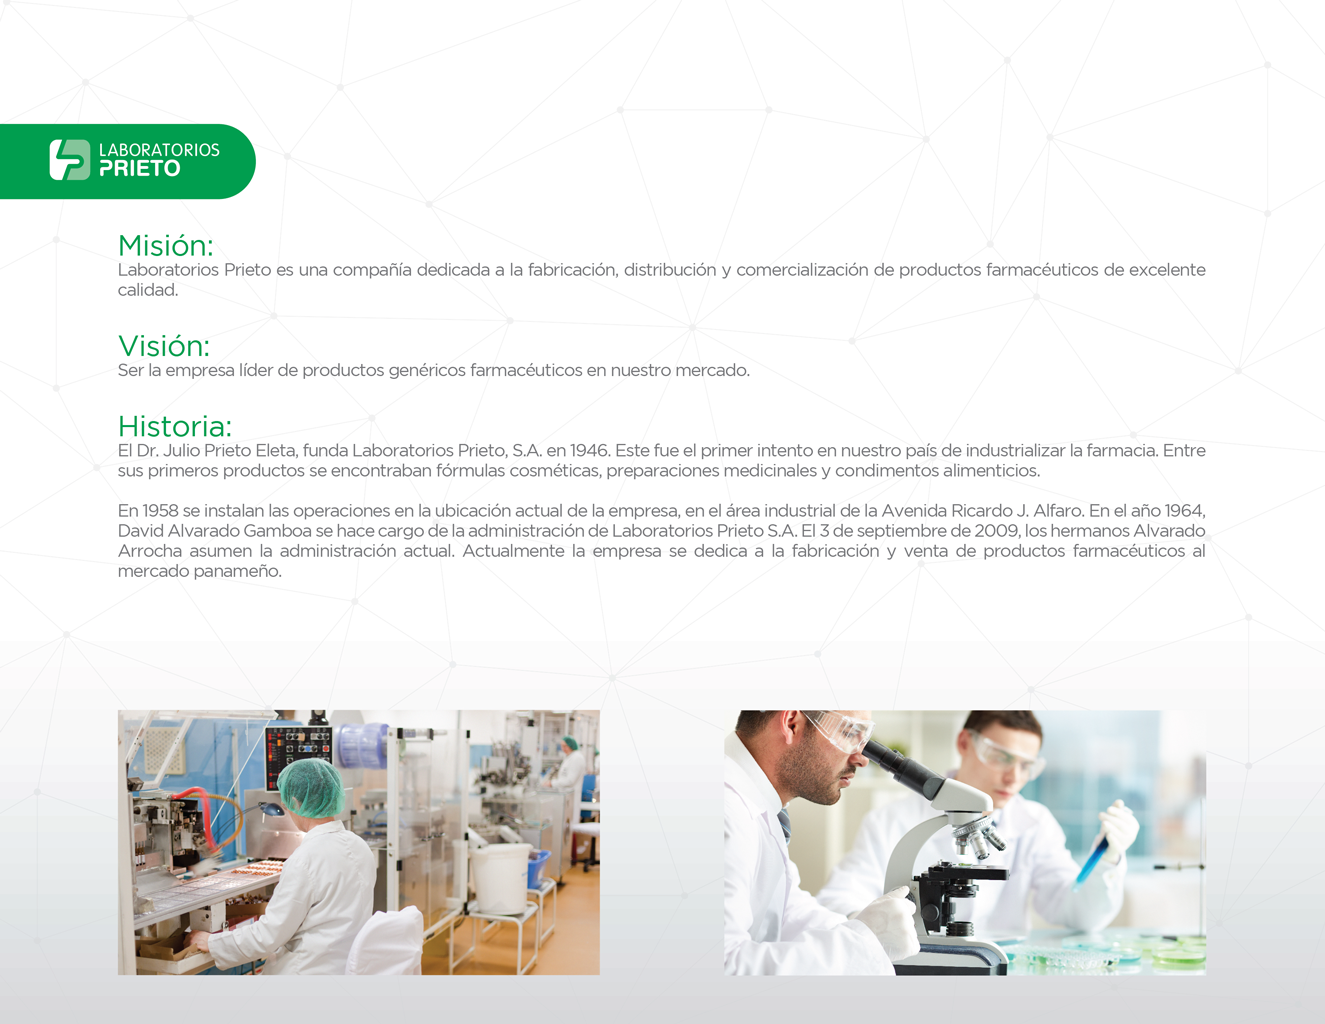 Vademecum-de-productos-Laboratorios-Prieto_Page_02